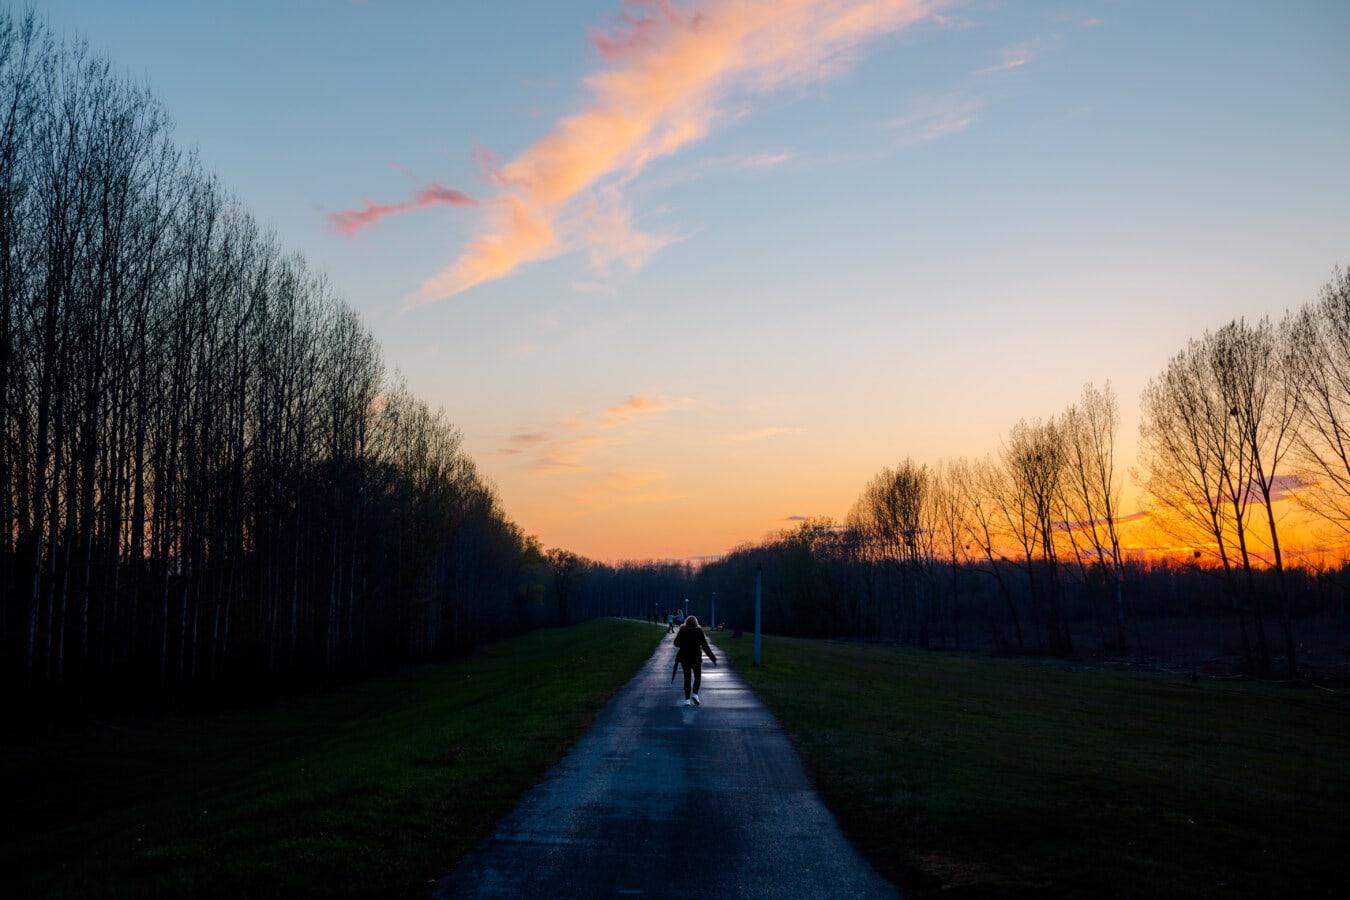 soirée, crépuscule, crépuscule, Itinéraire, personne, seul, paysage, aube, arbre, coucher de soleil